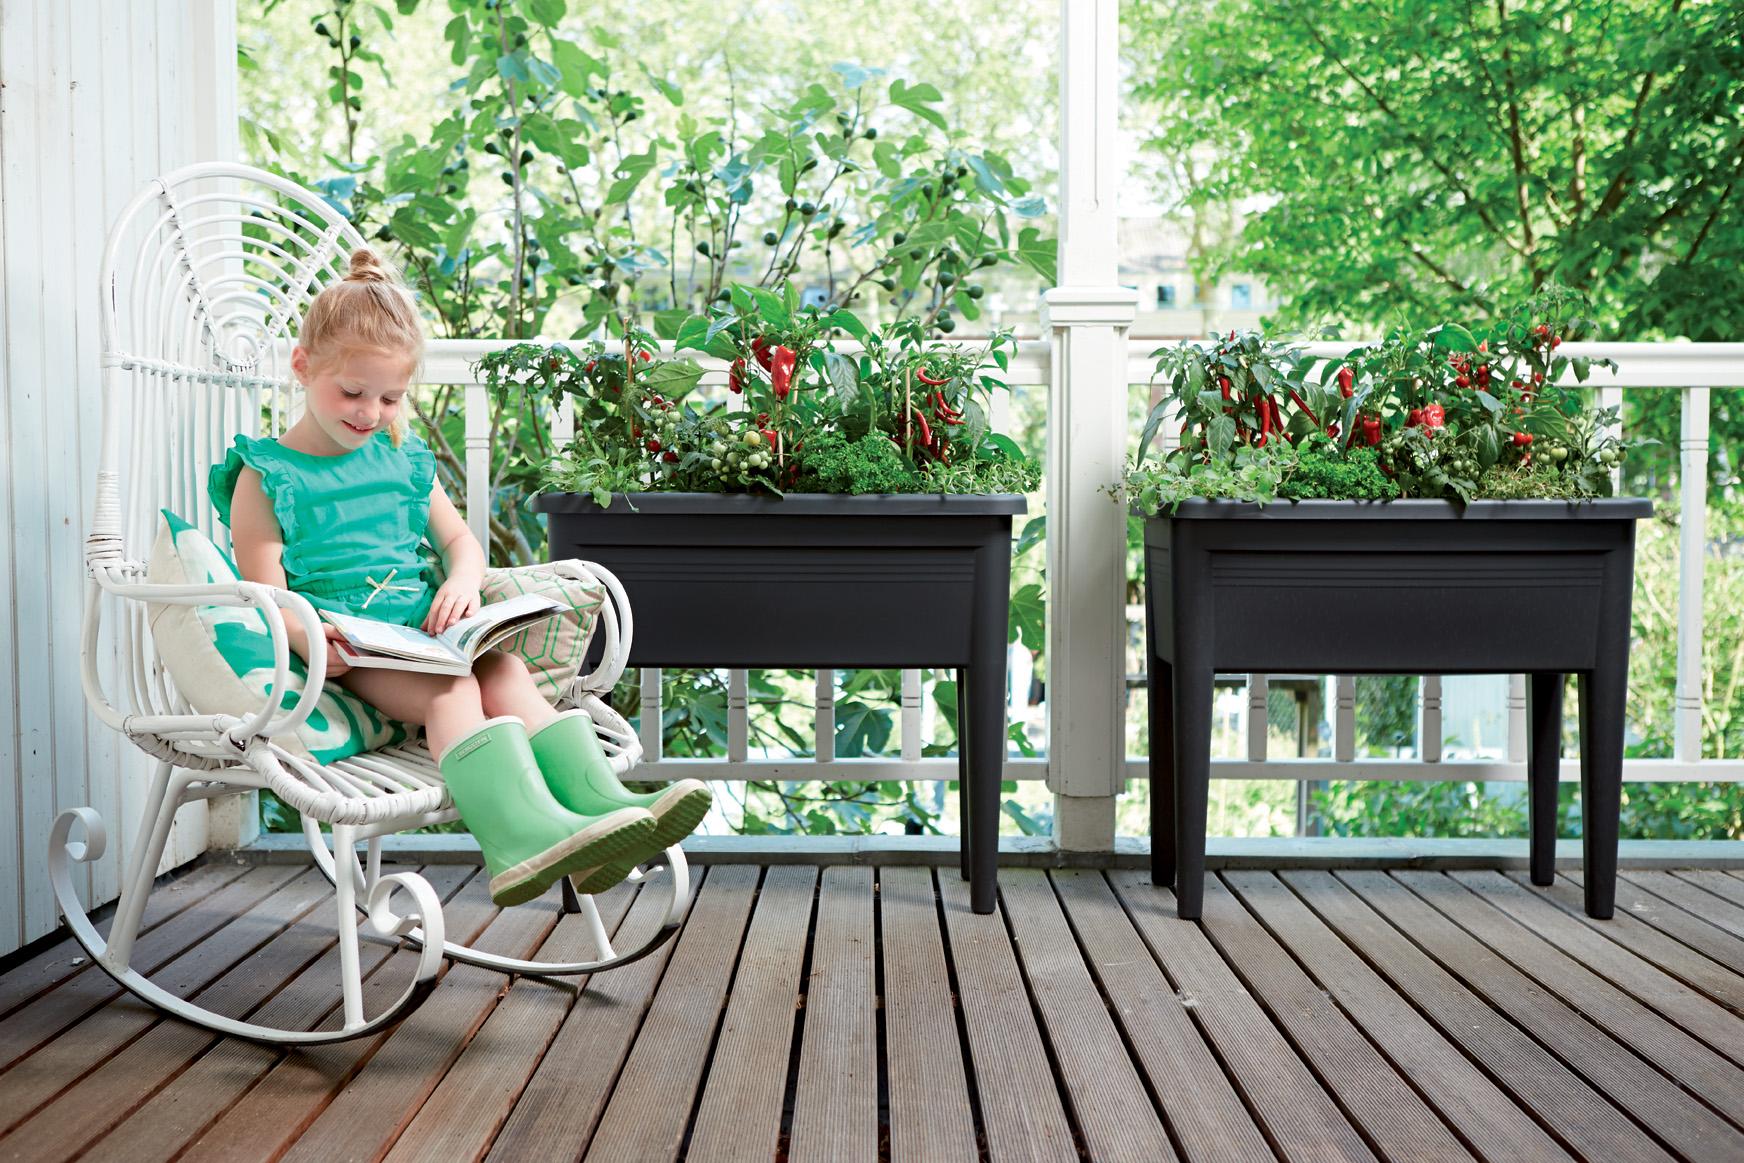 Twójwłasny ogród, czyli 'zielone' propozycje odsklepu Make it Home